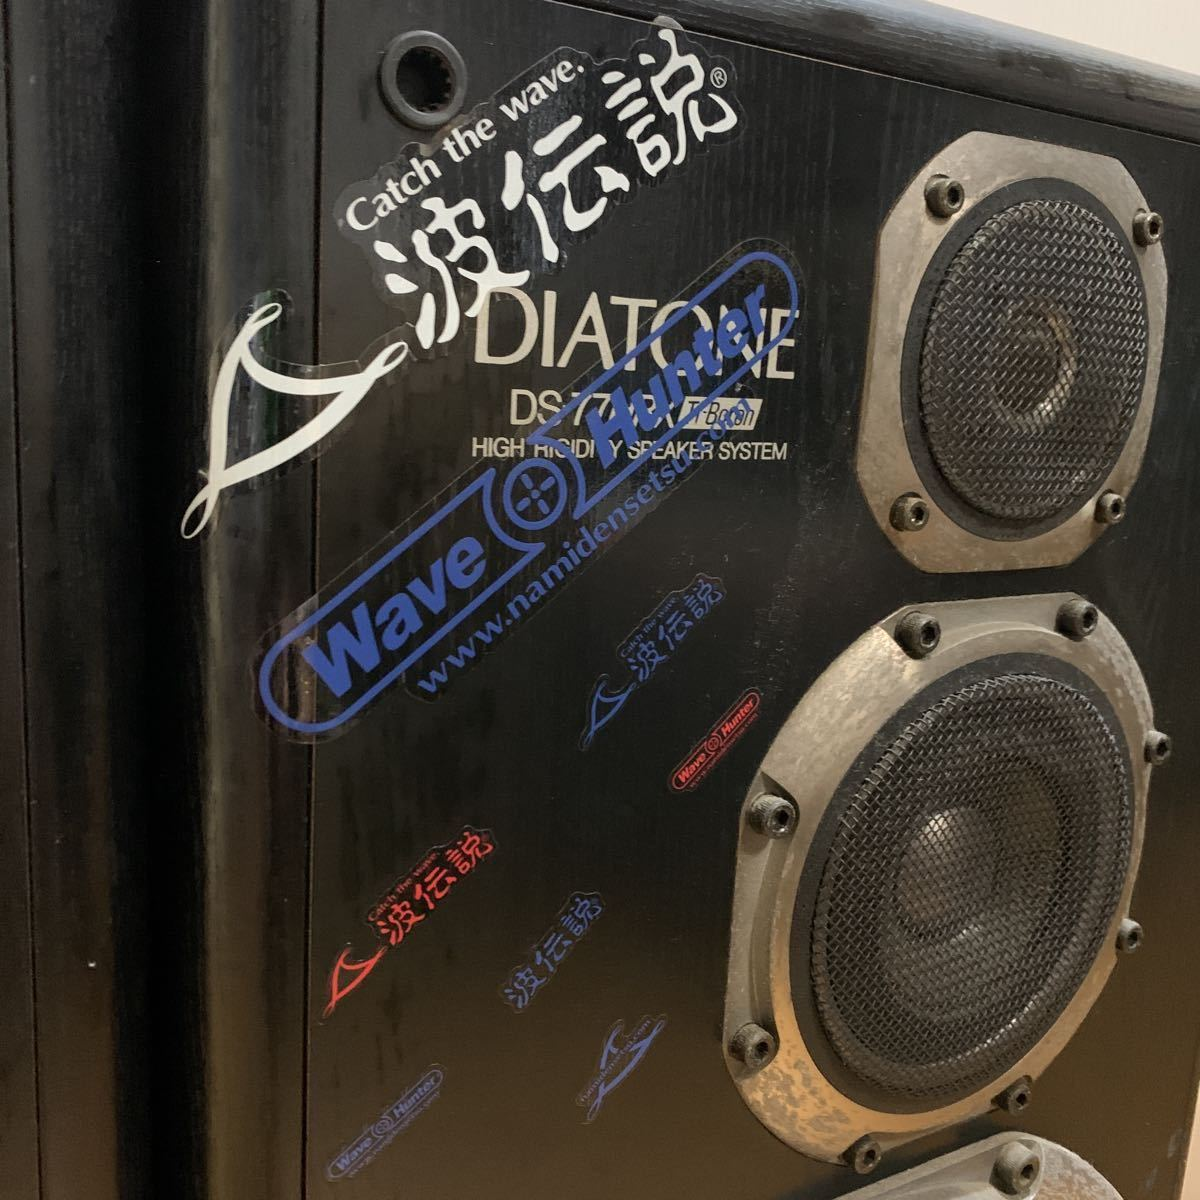 1円スタート DIATONE ダイヤトーン DS-77HRX BK スピーカー ペア 中古 大きめ 重い 中古 引取歓迎! ネット欠品_画像4